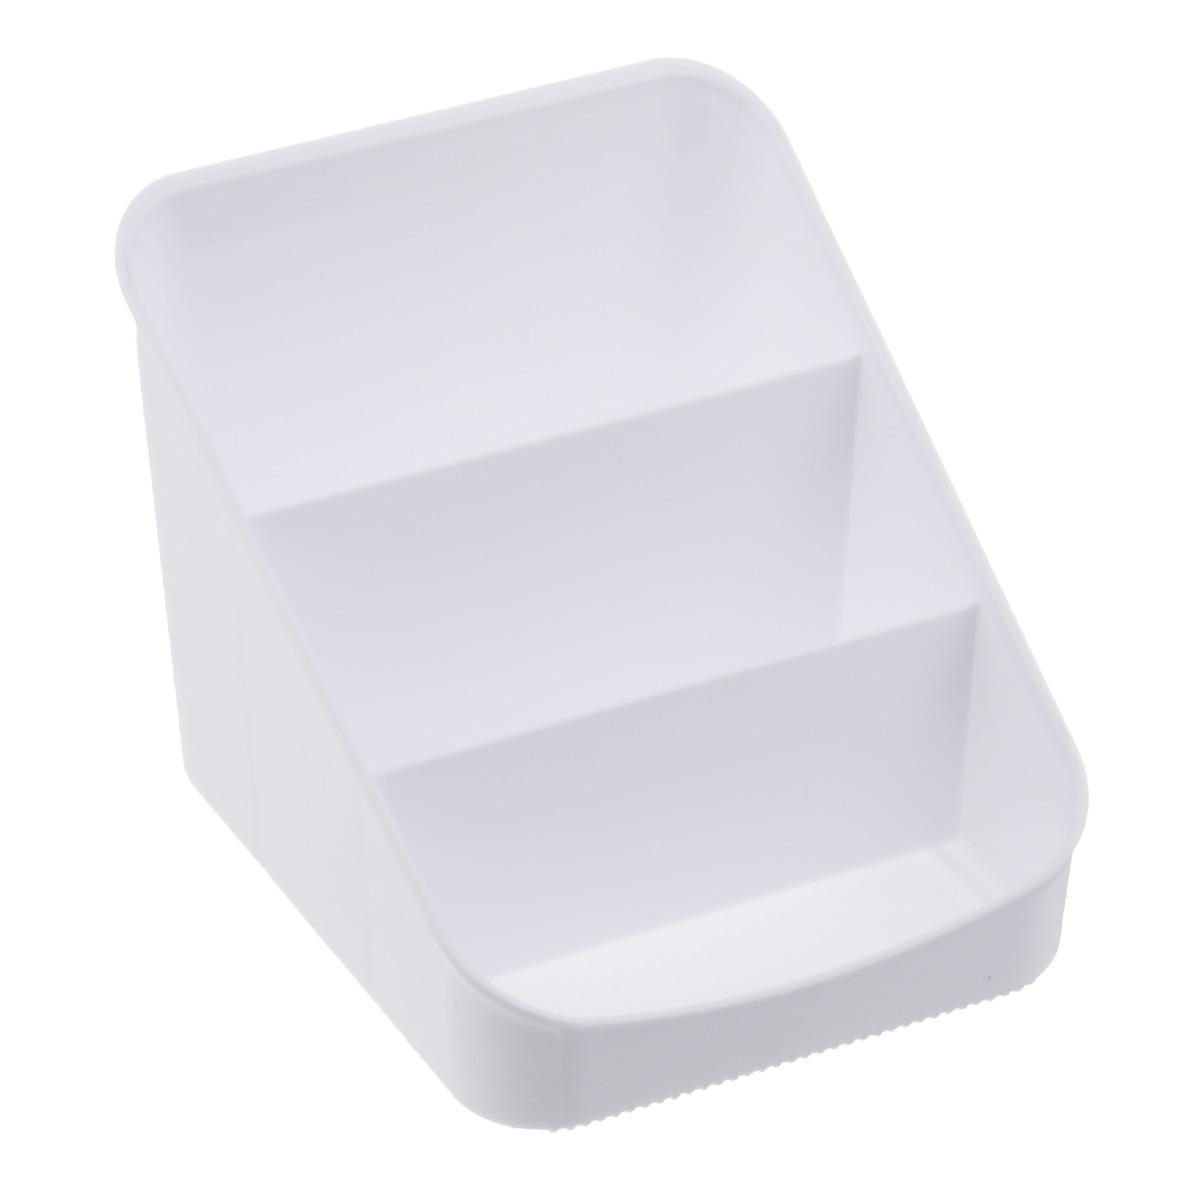 Органайзер для специй Berossi Alt, цвет: белый4630003364517Органайзер для специй Alt выполнен из прочного пластика и разделен на 3 секции. С ним все ваши специи всегда будут на своем месте.Благодаря своим небольшим размерам изделие удобно впишется в стандартный кухонный шкаф, или разместится на столе. В таком органайзере также удобно хранить канцелярские принадлежности. Замечательный органайзер поможет навести на кухне полный порядок и расставить все по местам.